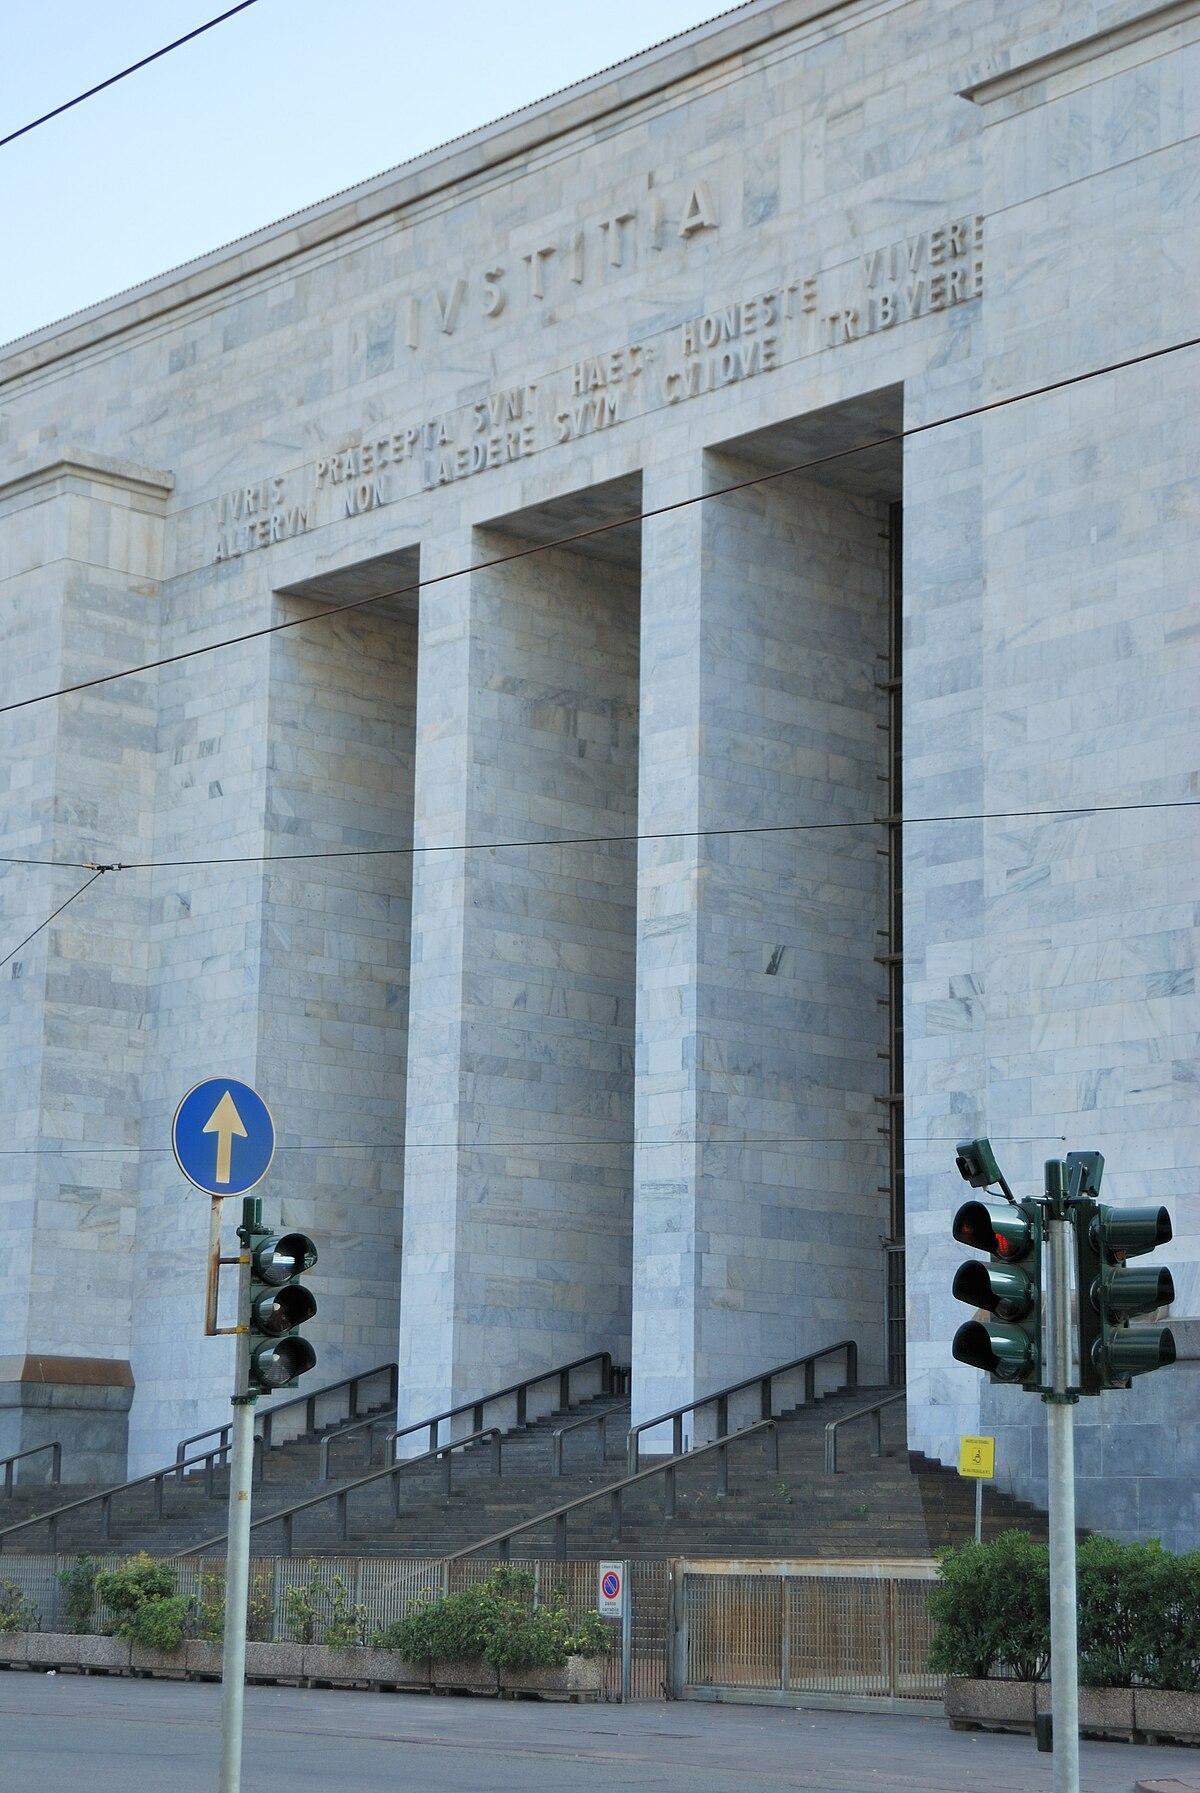 Palazzo di giustizia milano wikipedia for Esterno in latino